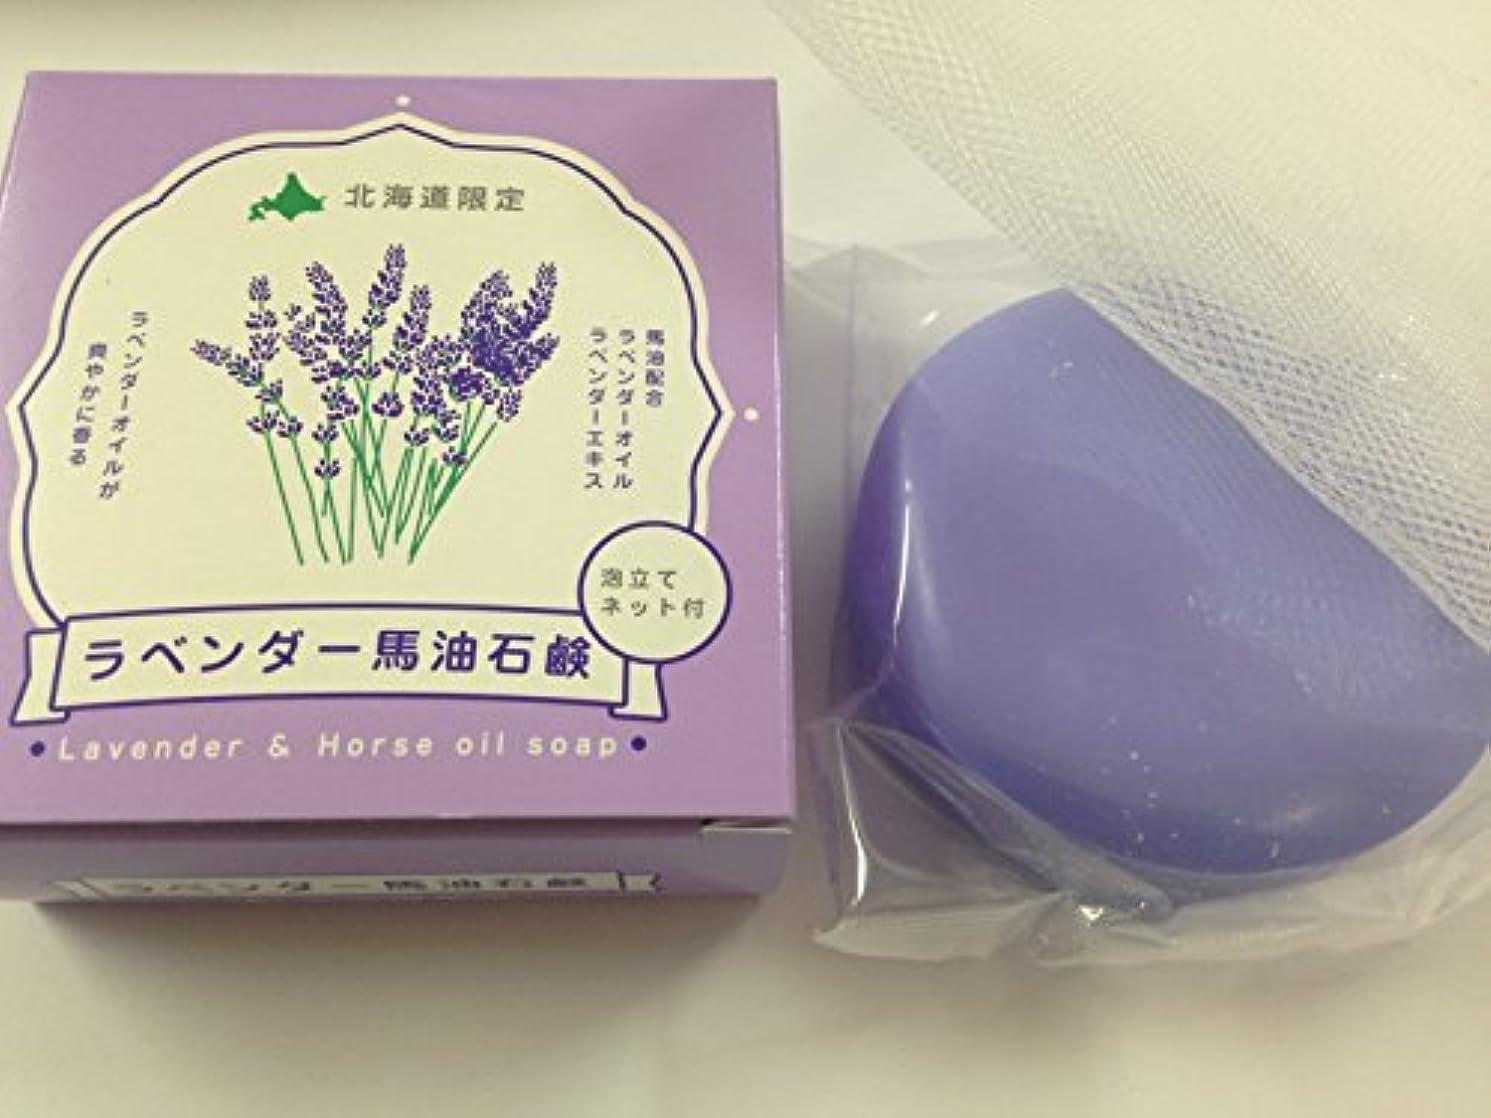 サラミルーム振るうラベンダー馬油石けん?泡立てネット付き 100g ?Lavender & Horse oil Soap